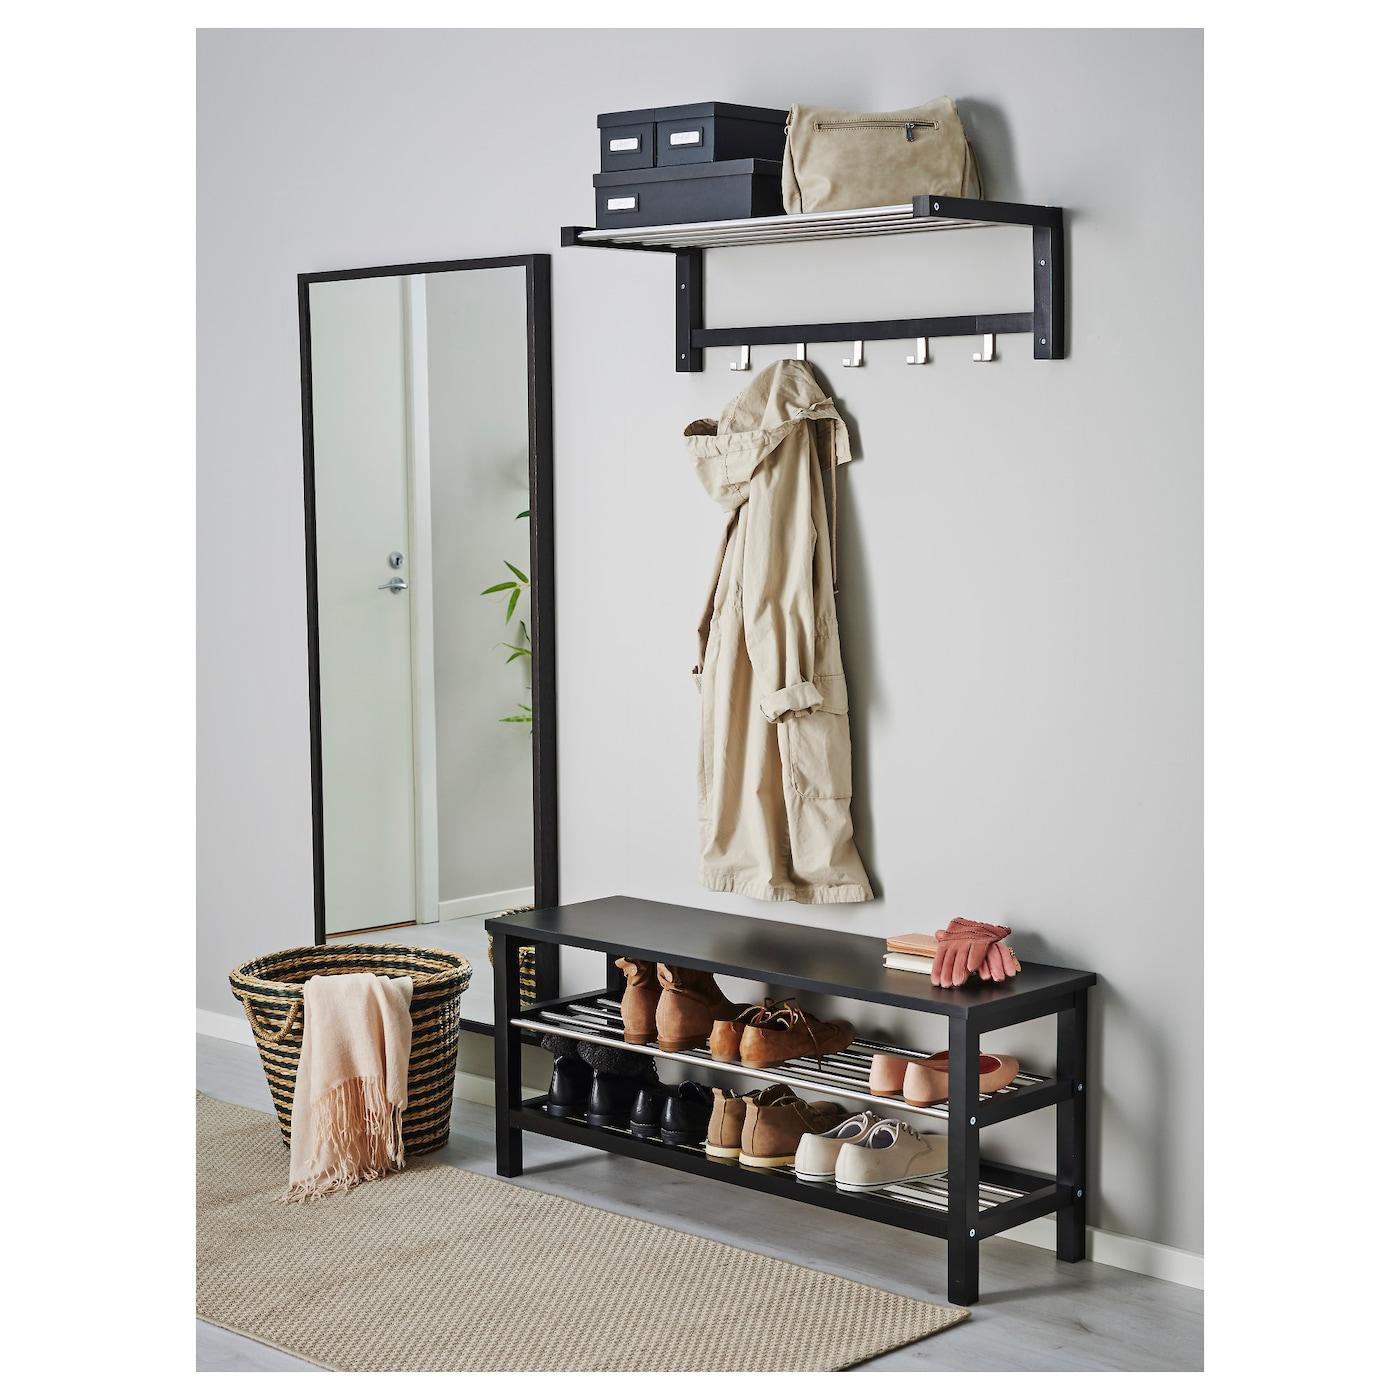 TJUSIG Ławka z półkami na buty, czarny, 108x50 cm, Kup tutaj